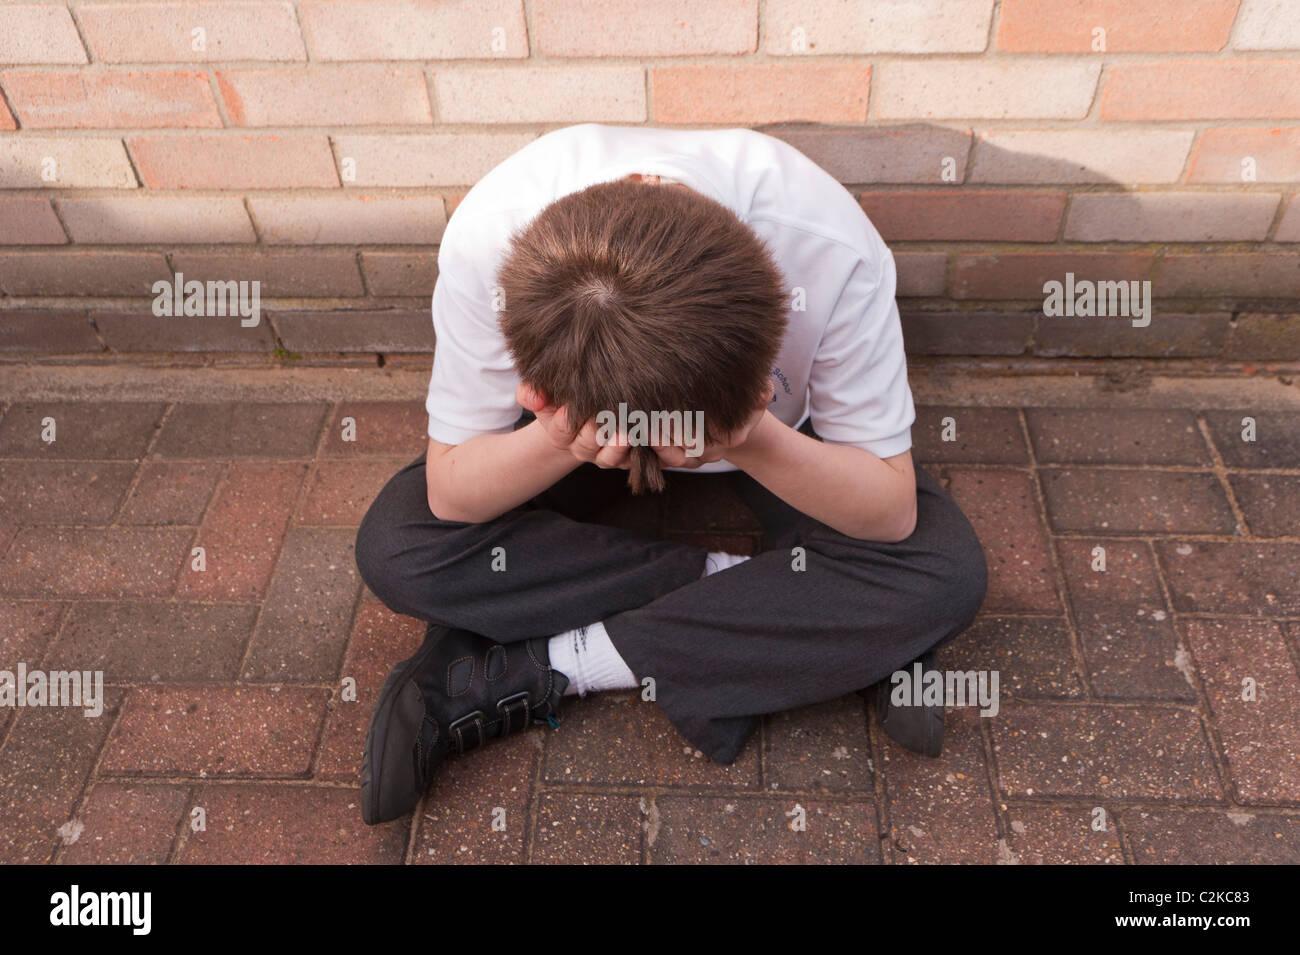 Un modèle photo parution d'un garçon de onze ans à la baisse à l'extérieur portant son uniforme scolaire au Royaume Banque D'Images